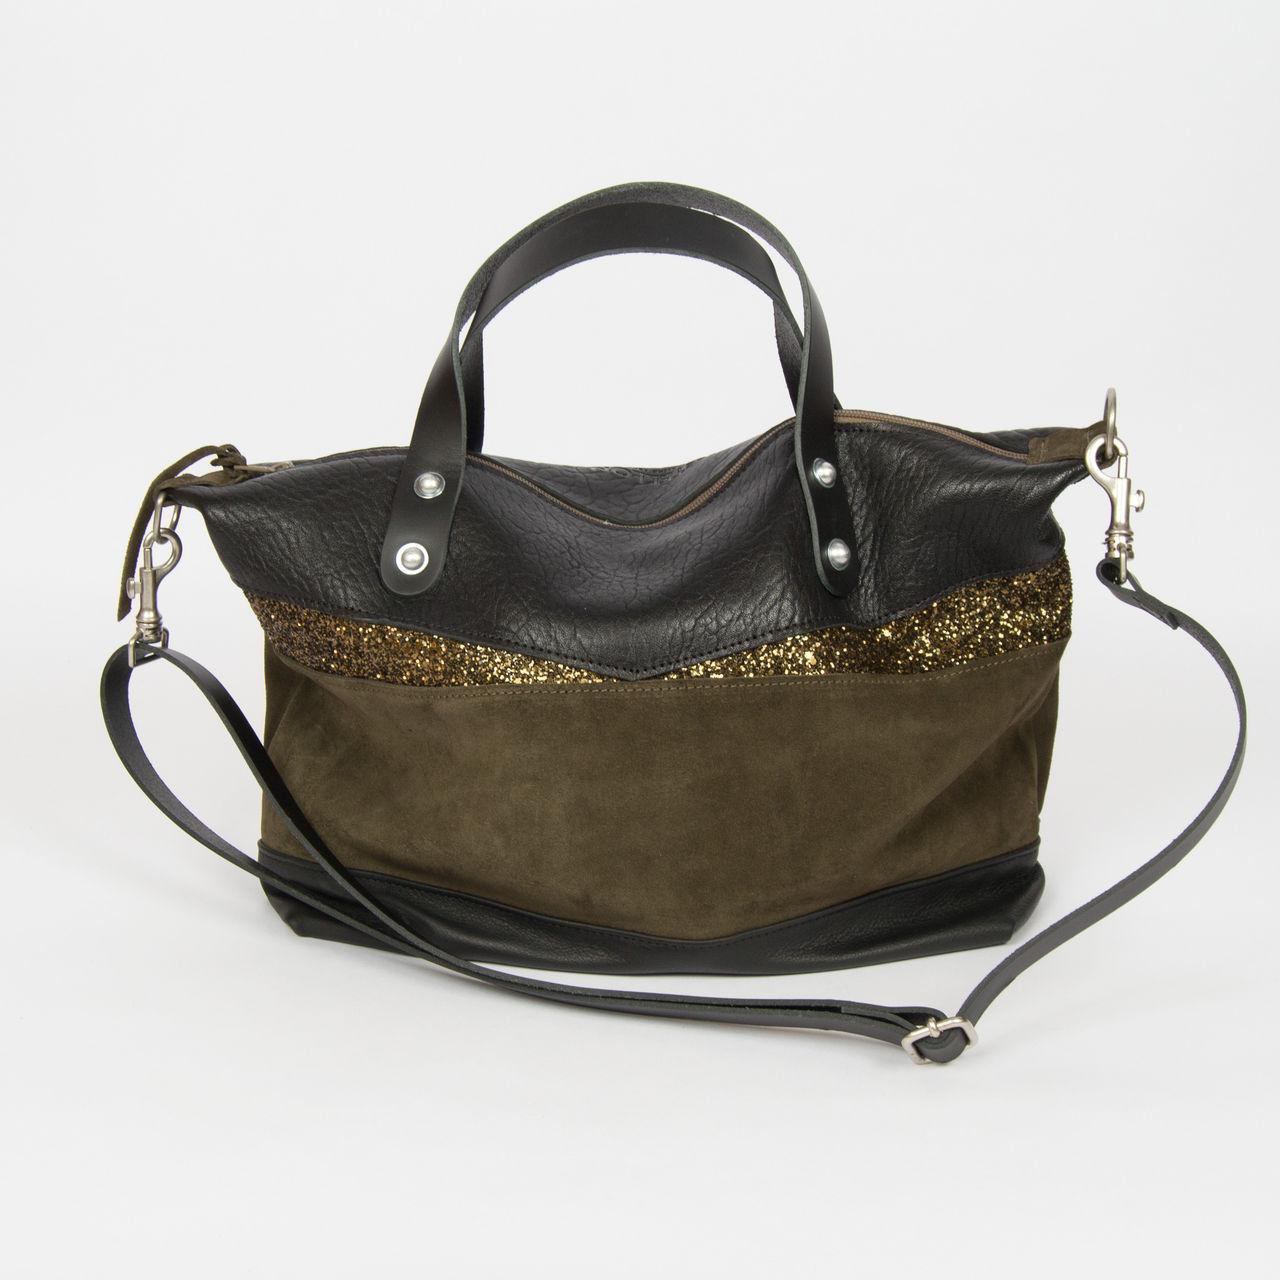 boutique la femme sacs estellon sac estellon sarah one militaire. Black Bedroom Furniture Sets. Home Design Ideas